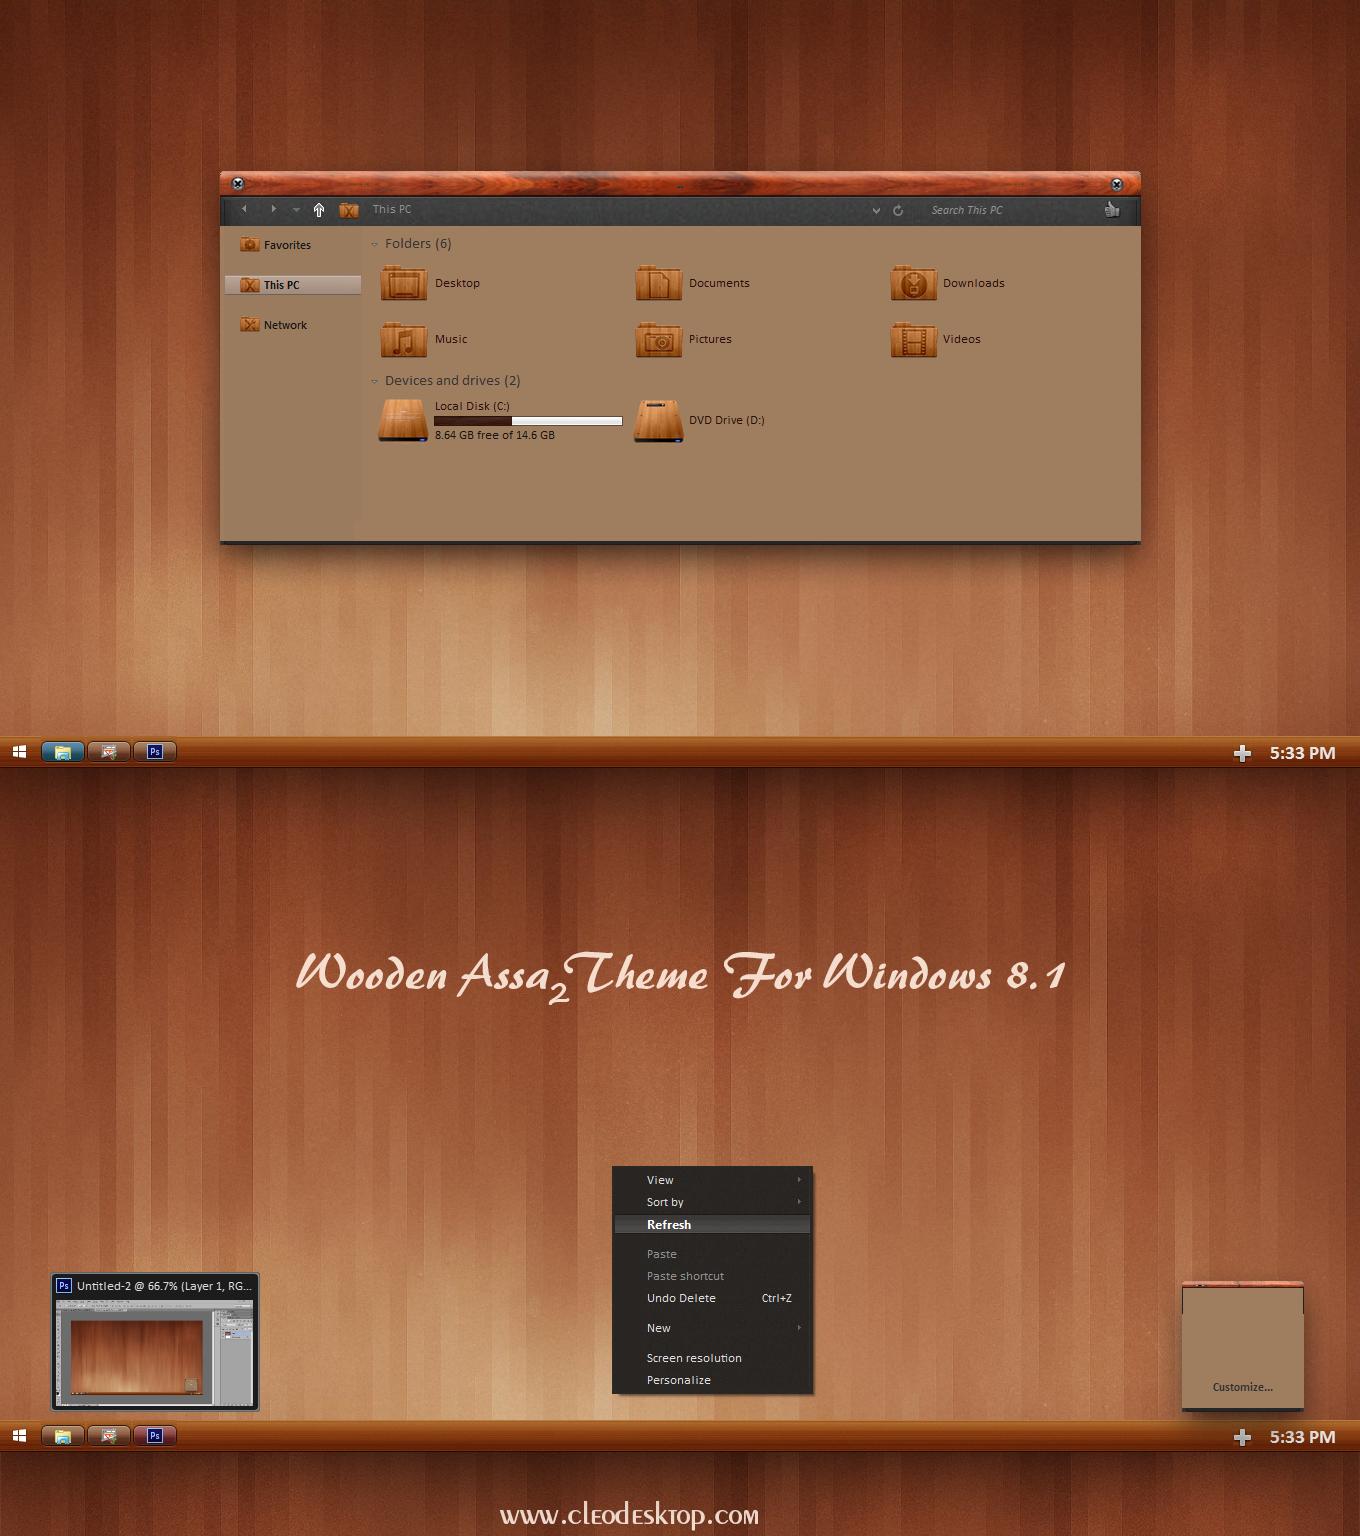 Wooden Assa 2 Theme For Windows 8 1